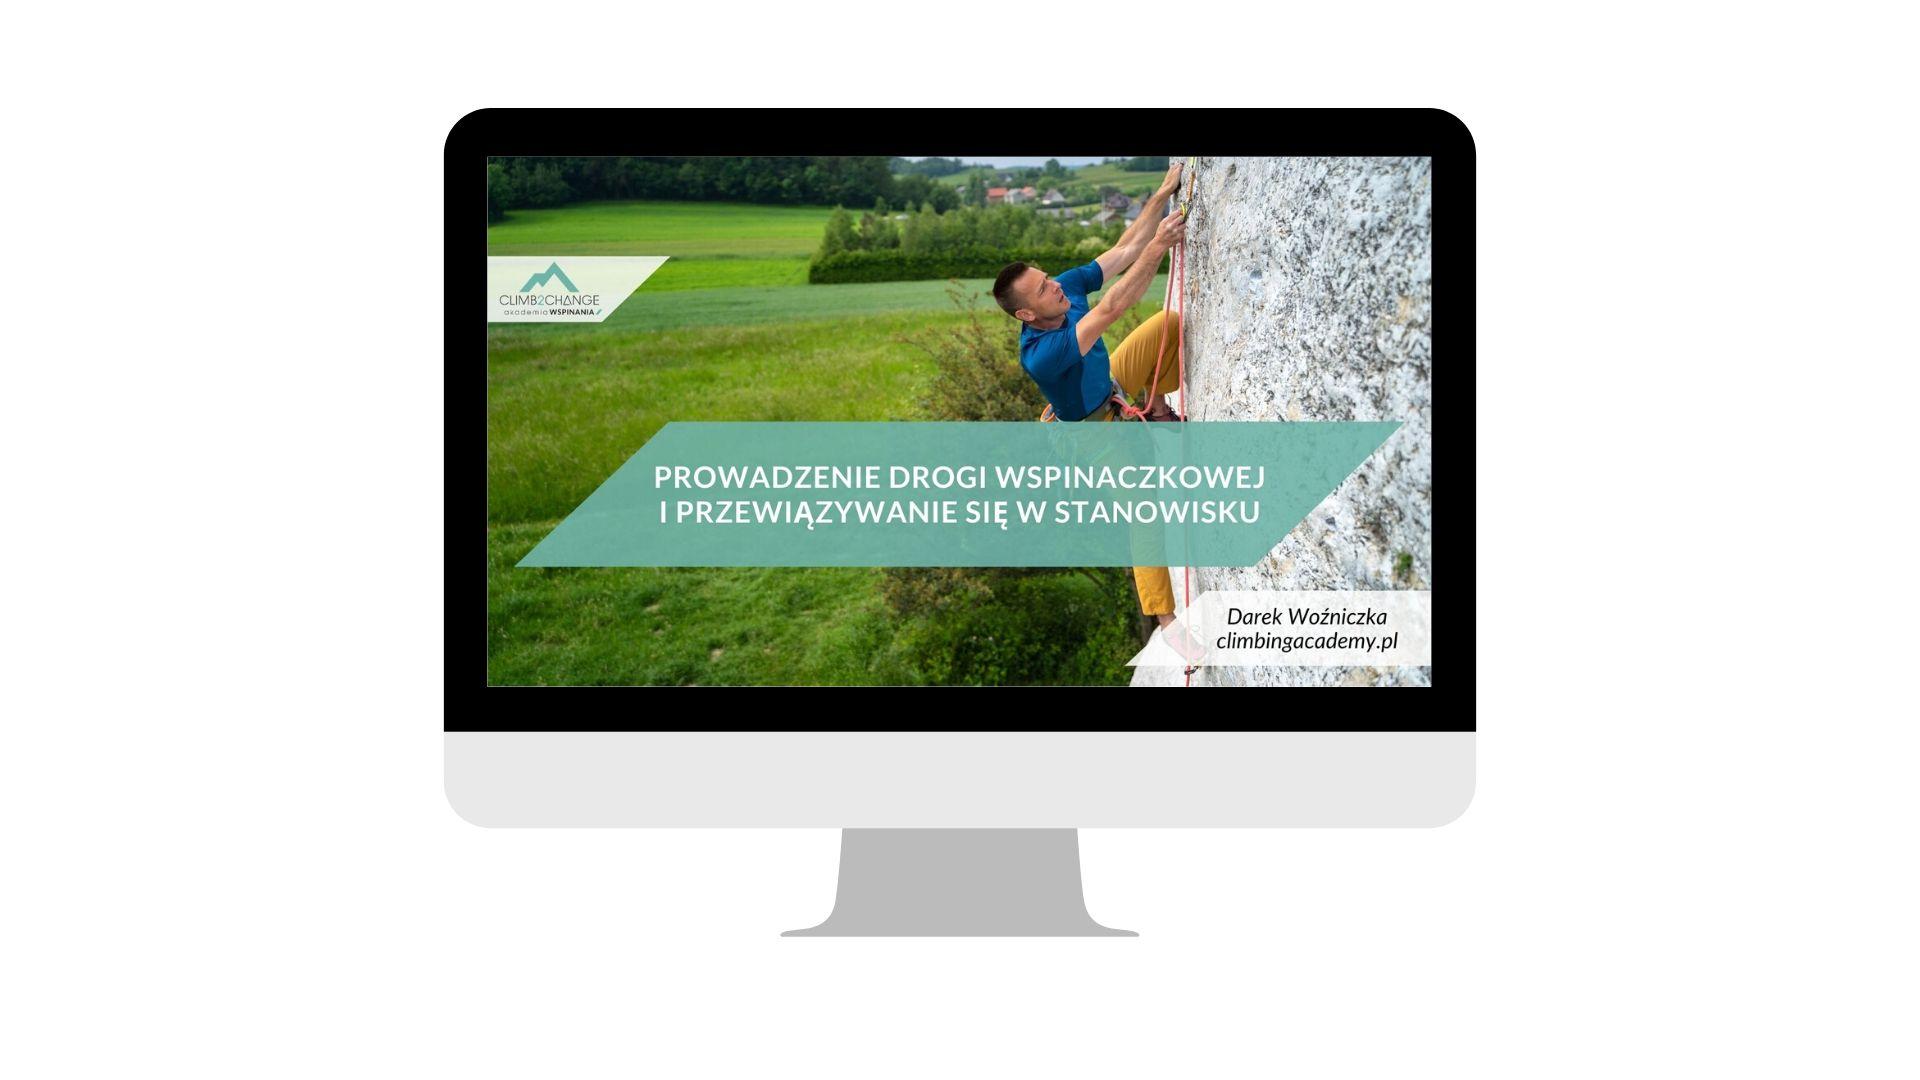 przewiazywanie-sie-w-stanowisku-szkolenie-online-cover-climb2change